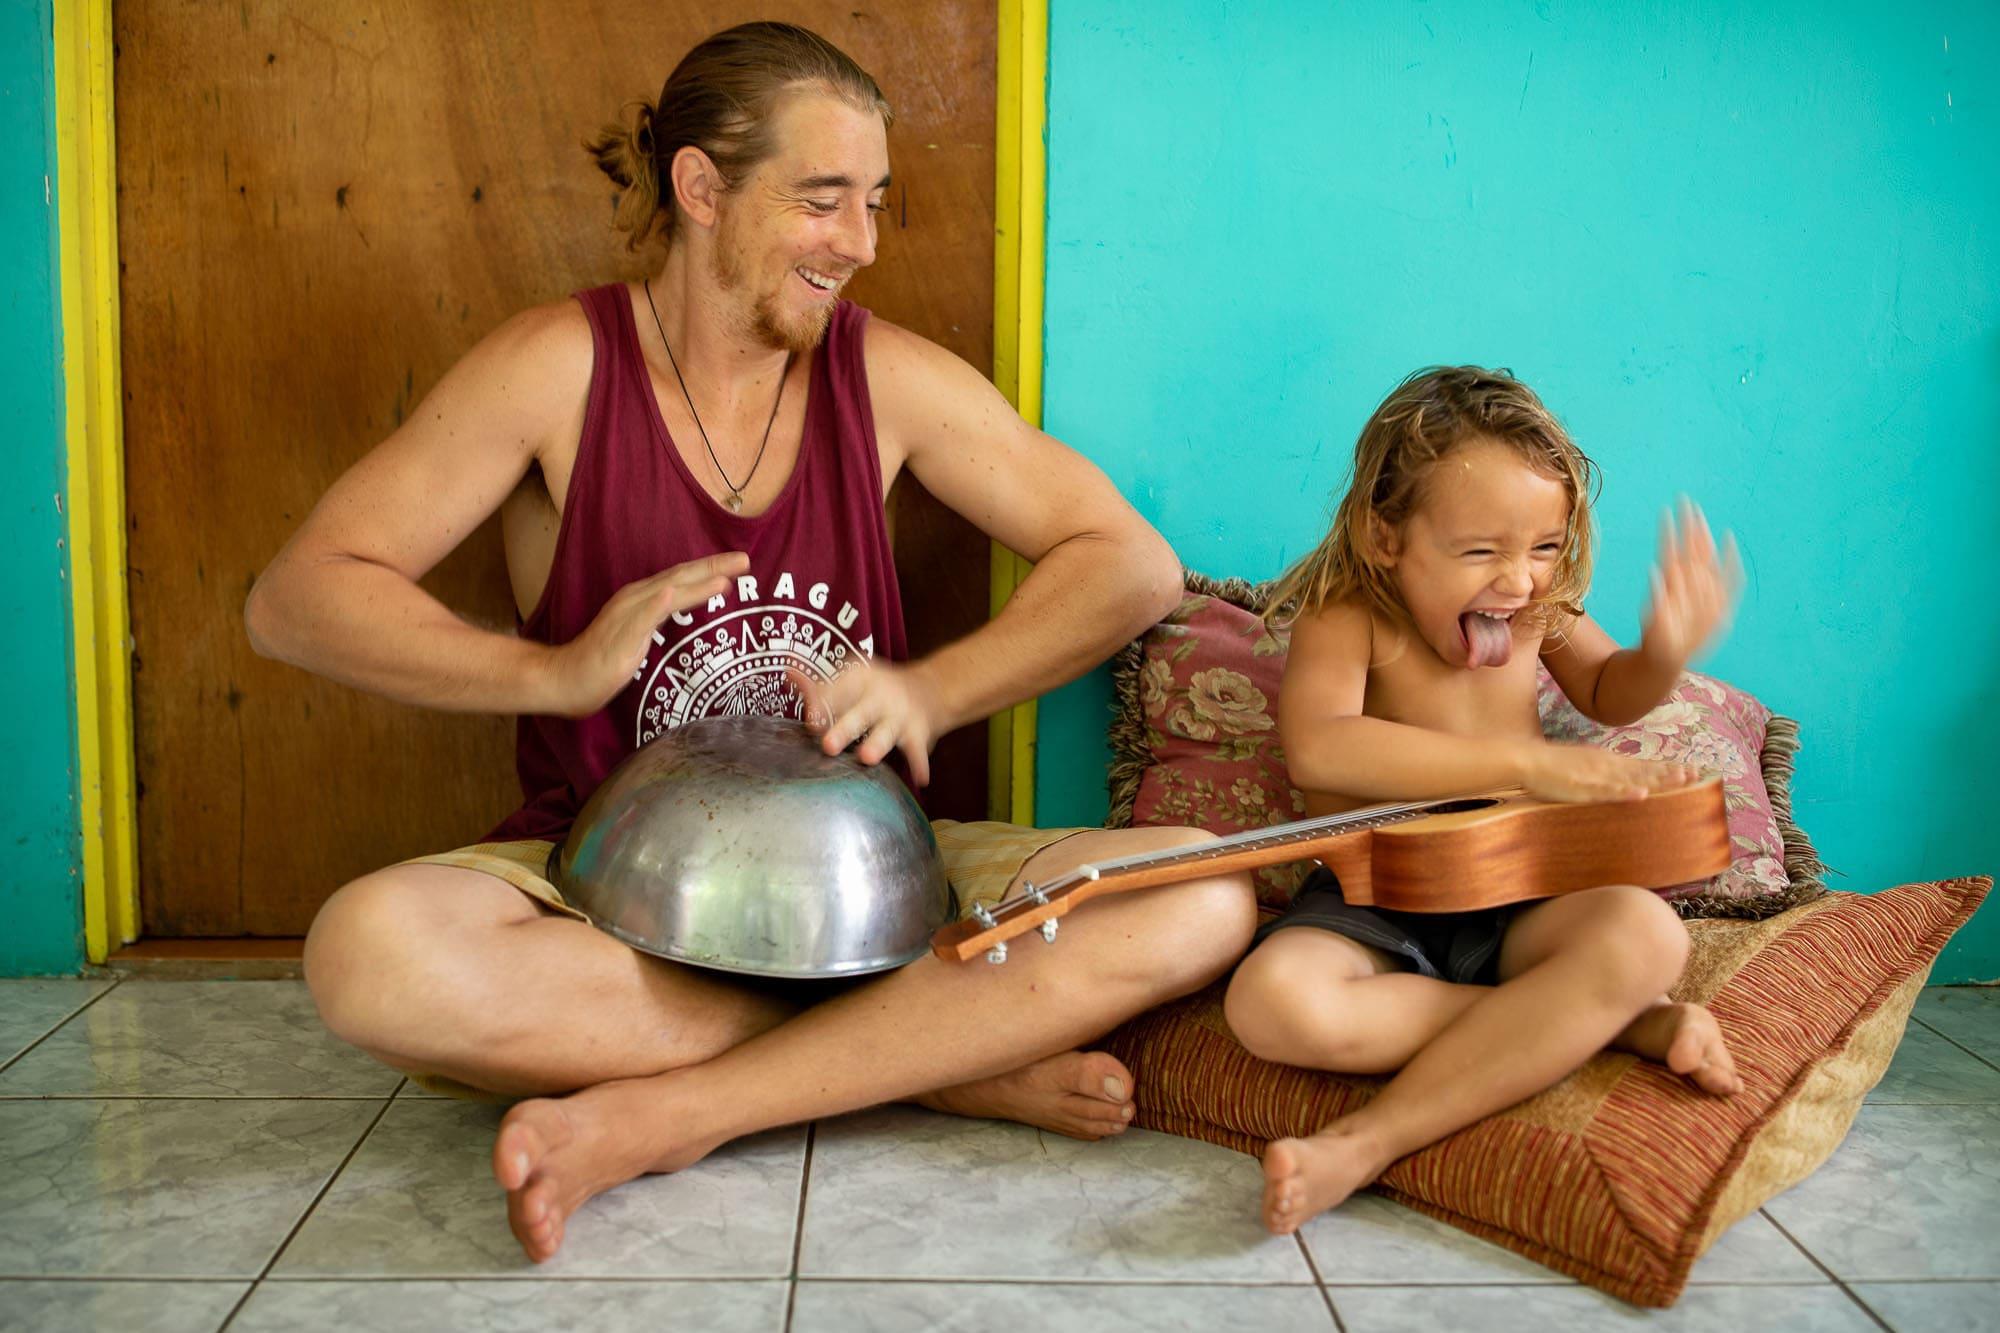 kid with uku ukulele with his father